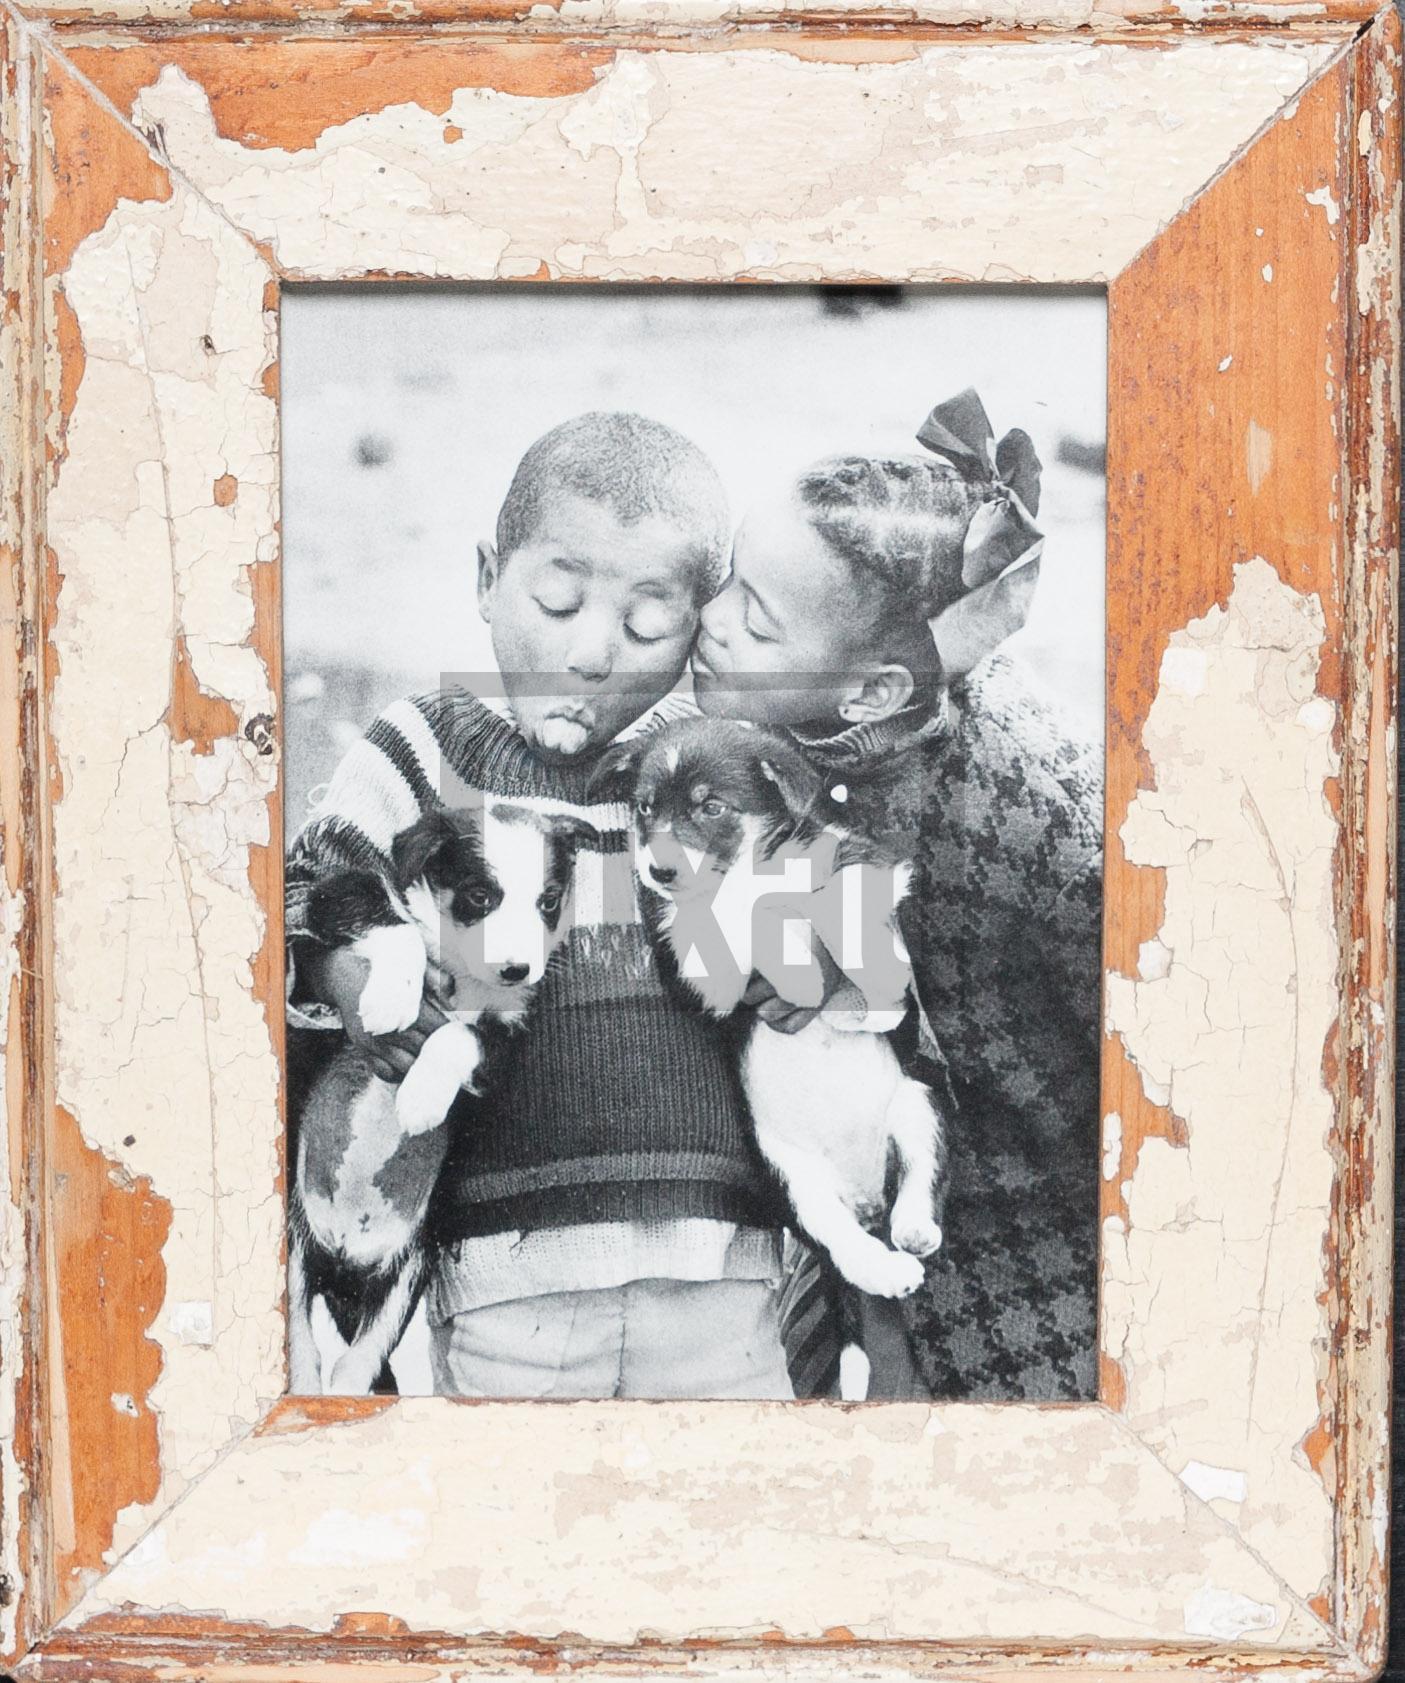 Holzrahmen für Fotos 15 x 20 cm